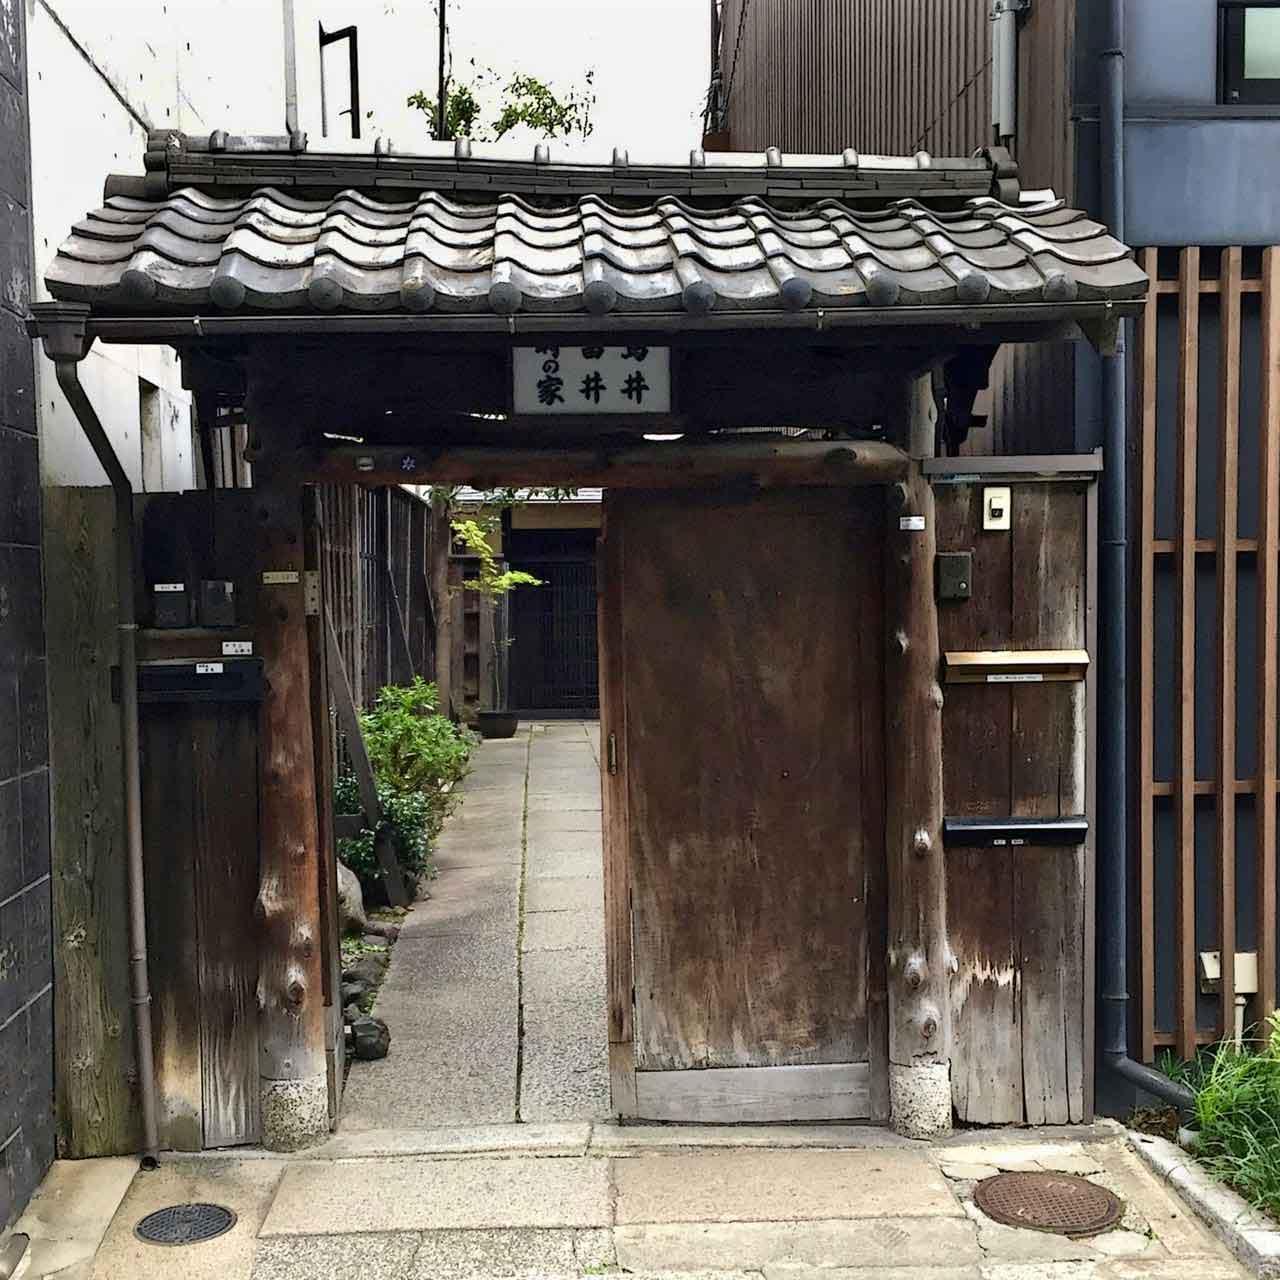 Schmaler Eingang zum Izumiya-cho Machiya Haus in Kyoto (Iori Machiya)